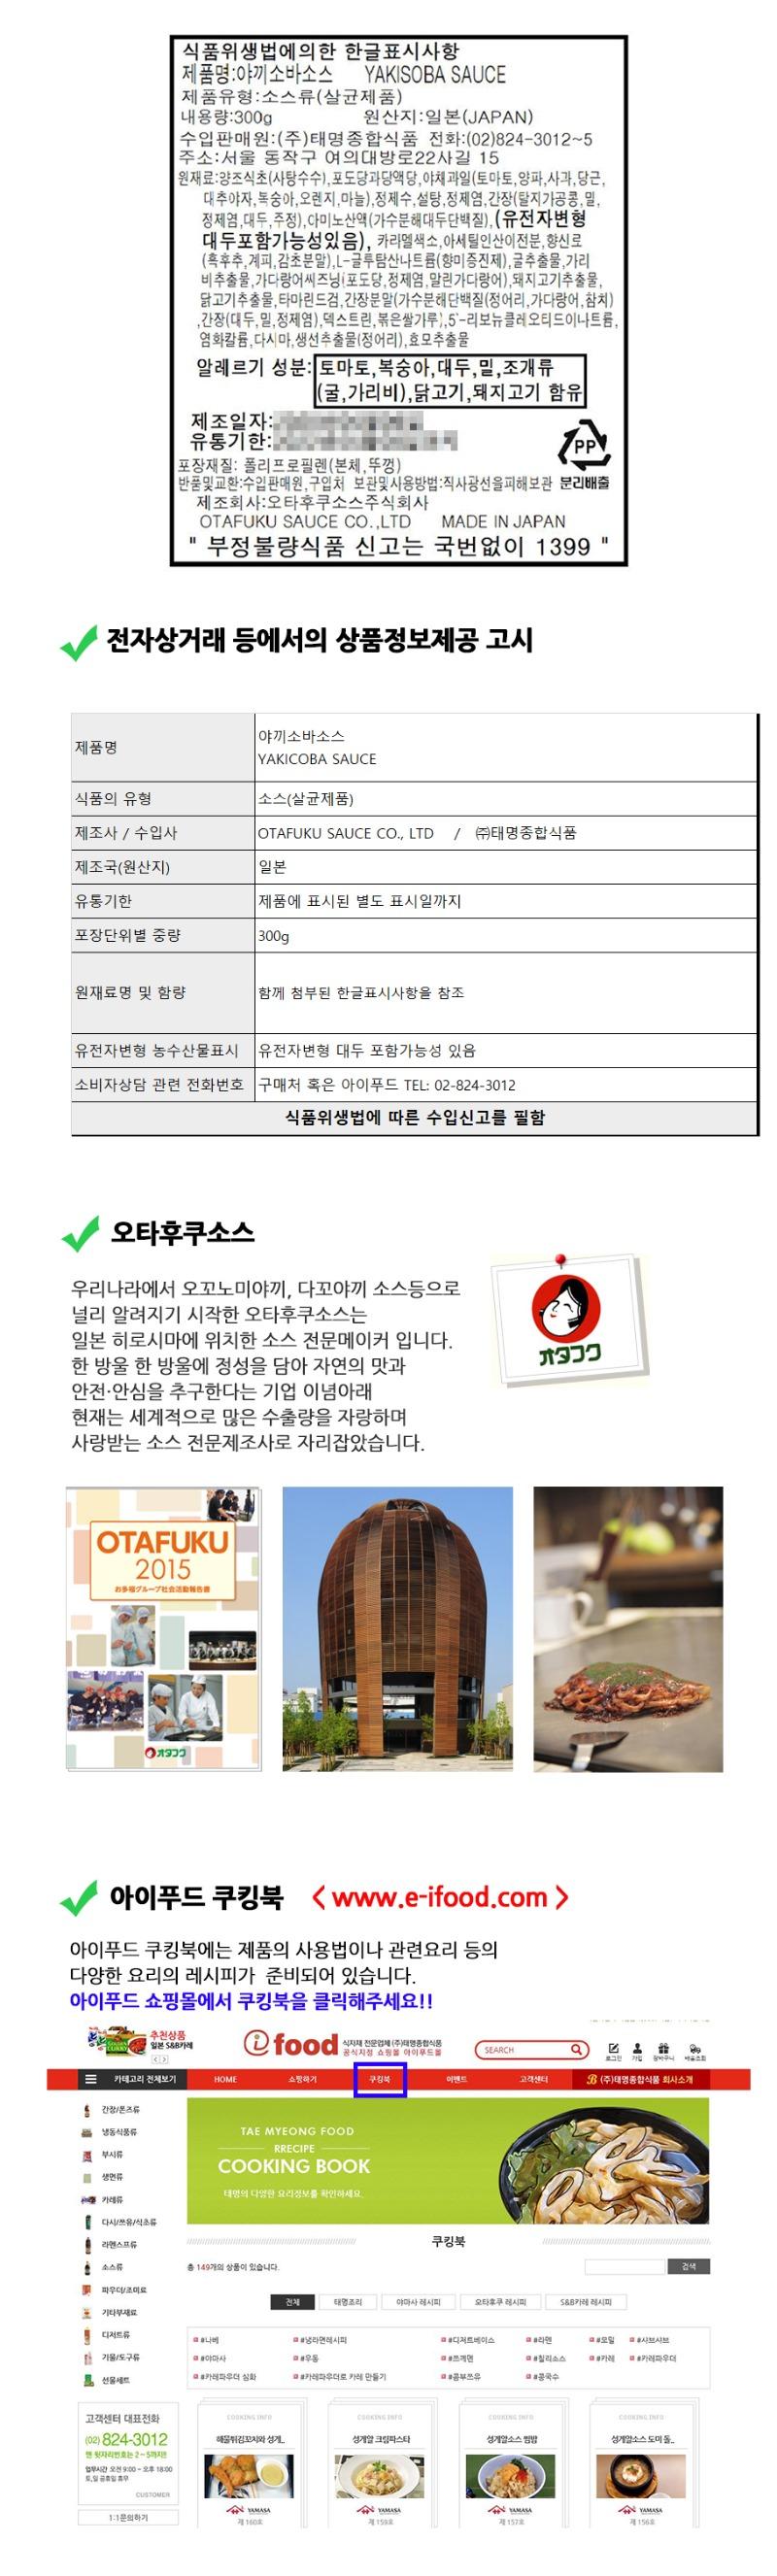 야끼소바소스 300g 상품정보2.jpg